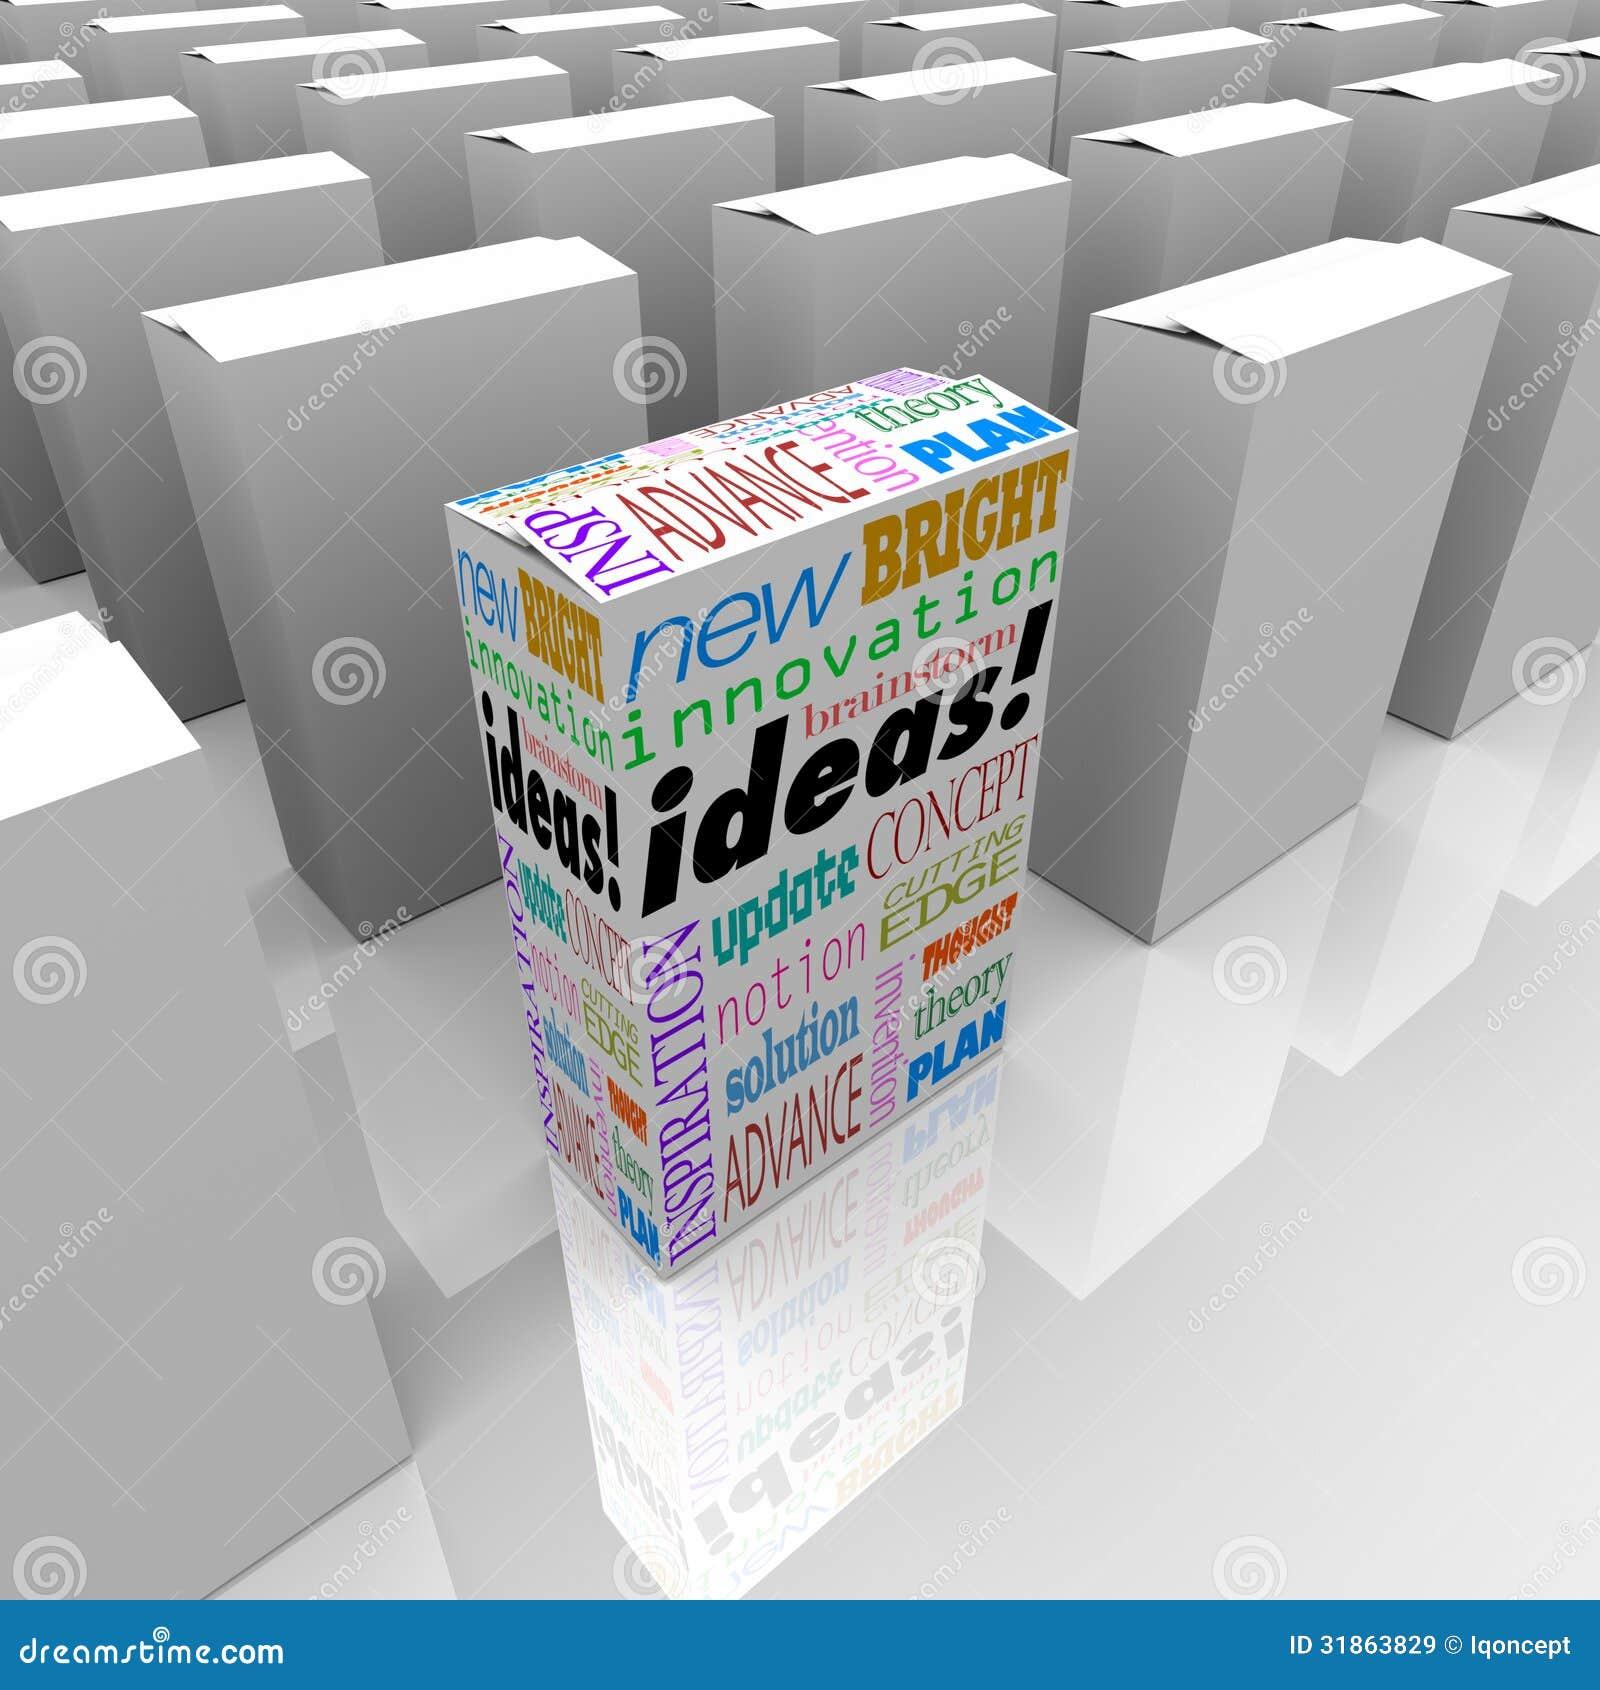 Много коробок идей - одна различная коробка продукта стоит вне